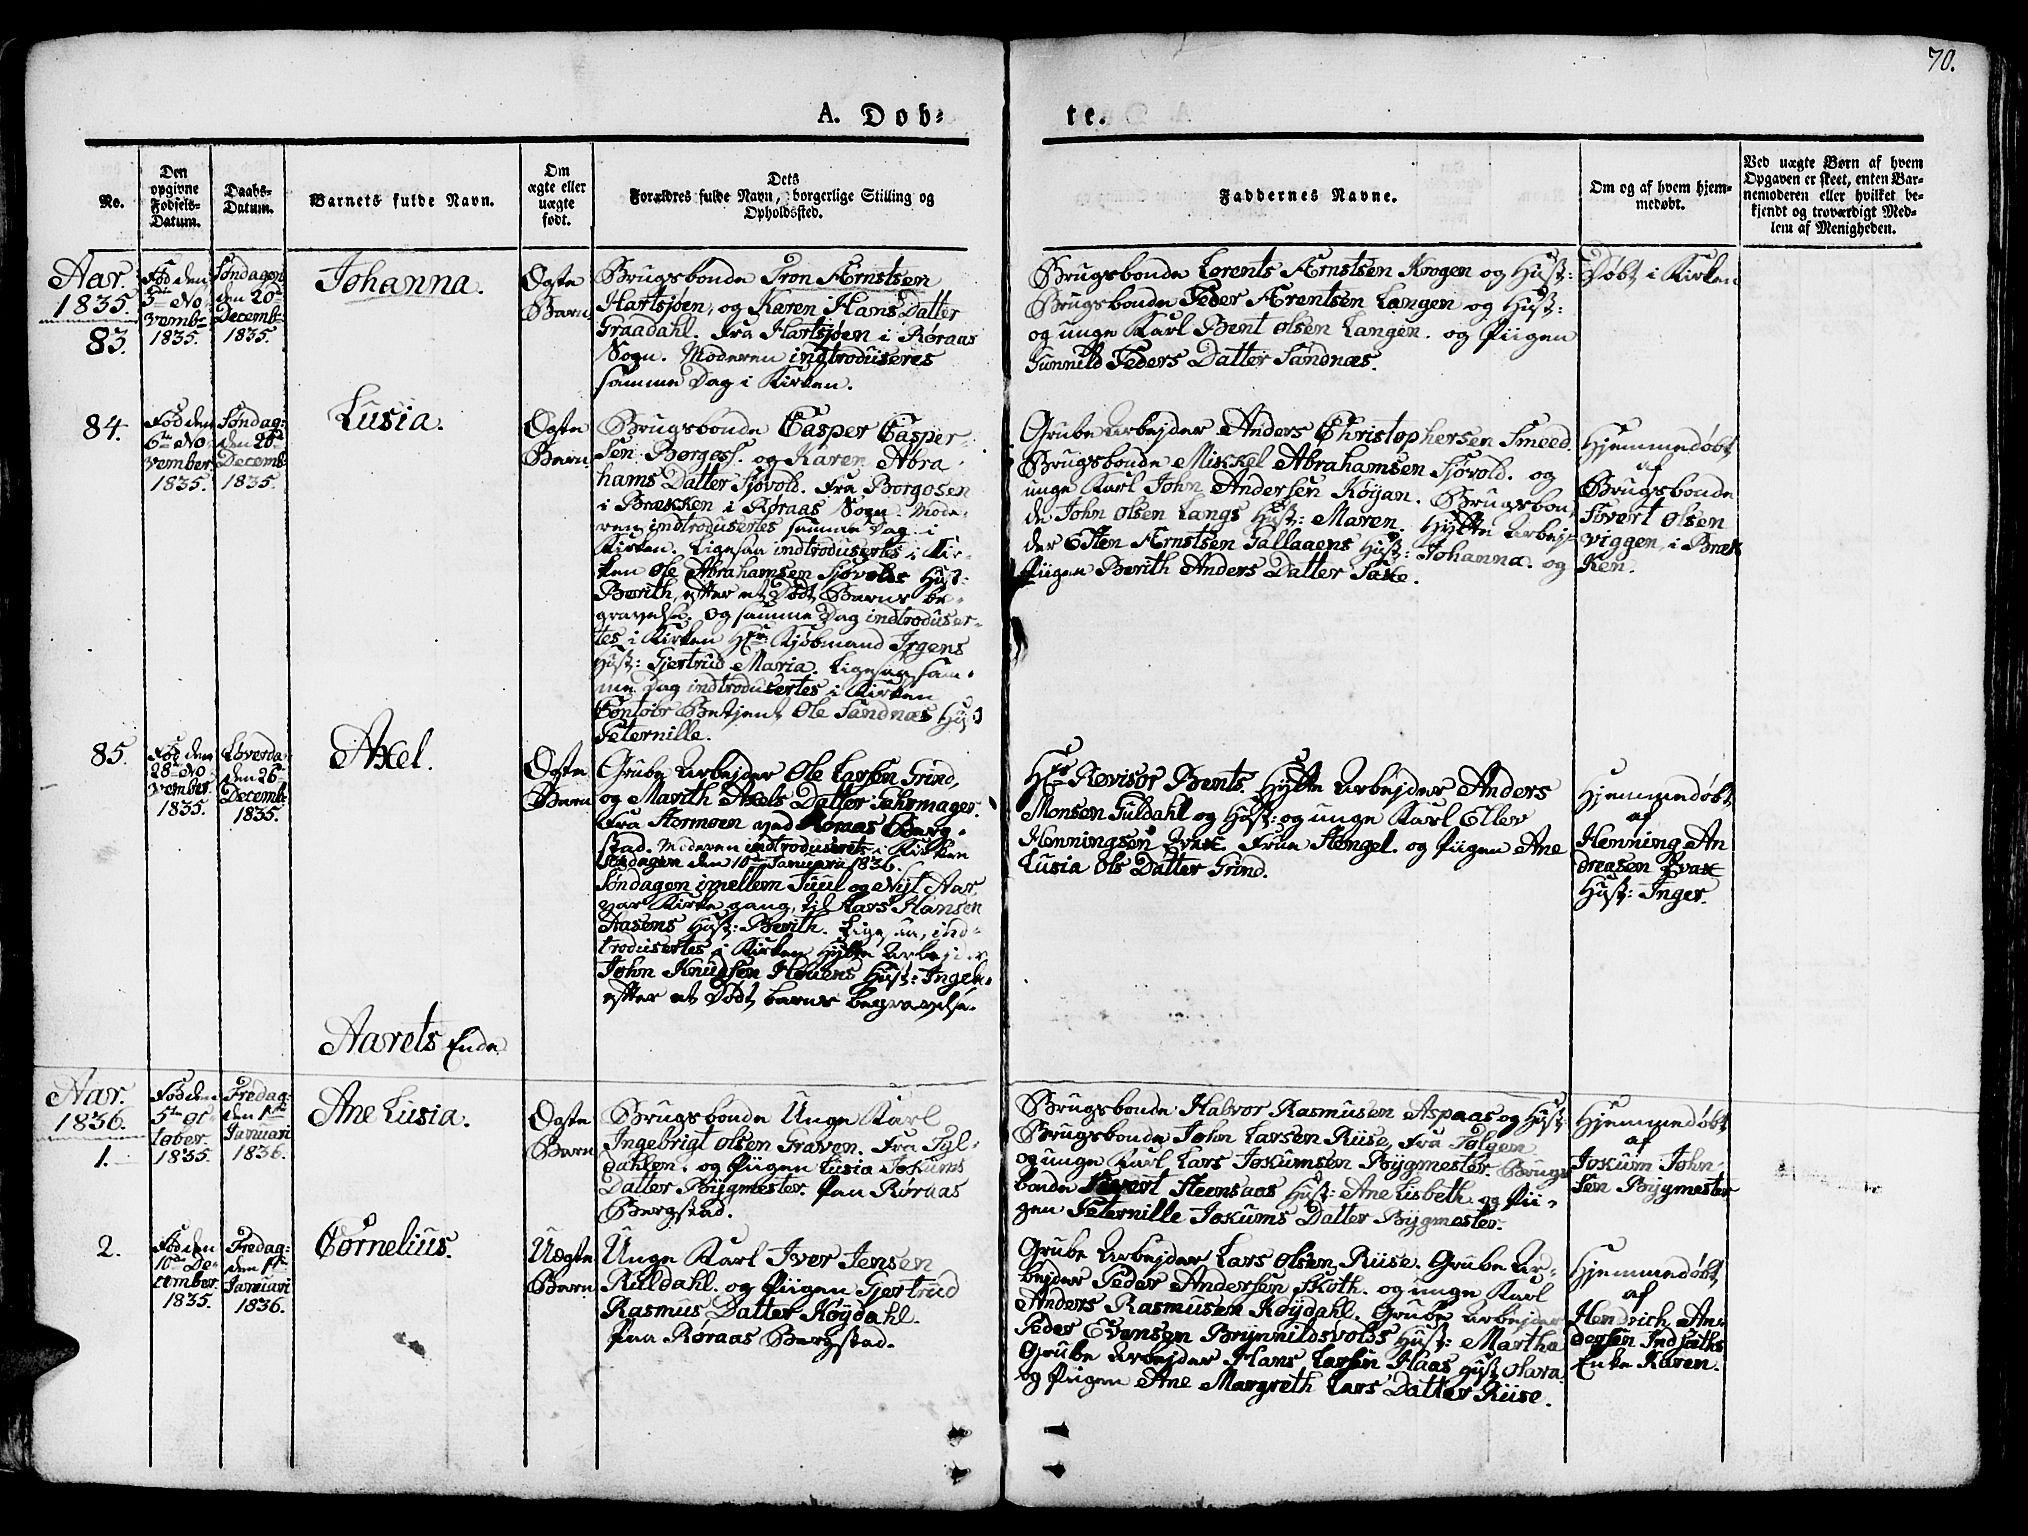 SAT, Ministerialprotokoller, klokkerbøker og fødselsregistre - Sør-Trøndelag, 681/L0938: Klokkerbok nr. 681C02, 1829-1879, s. 70